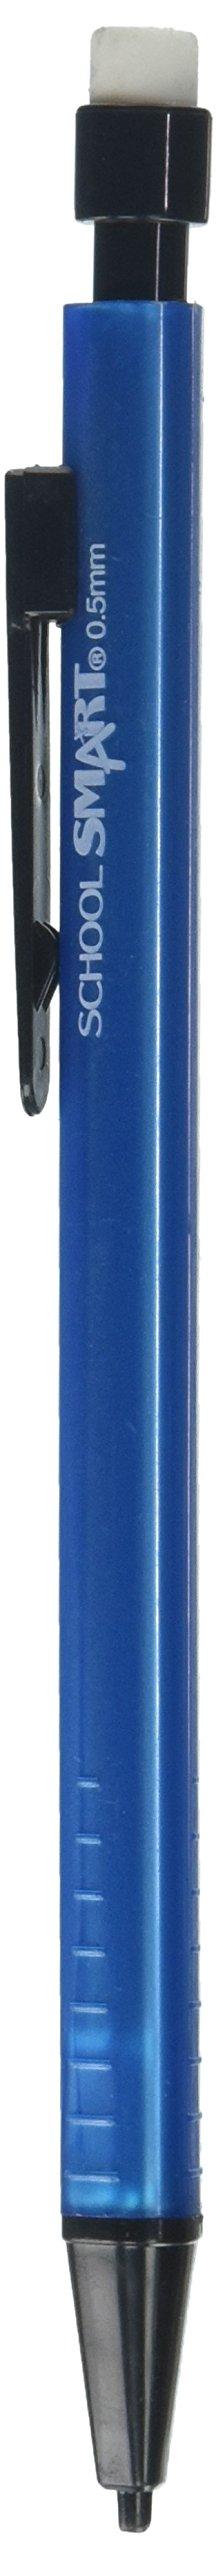 Escuela inteligente lápiz mecánico con goma de...